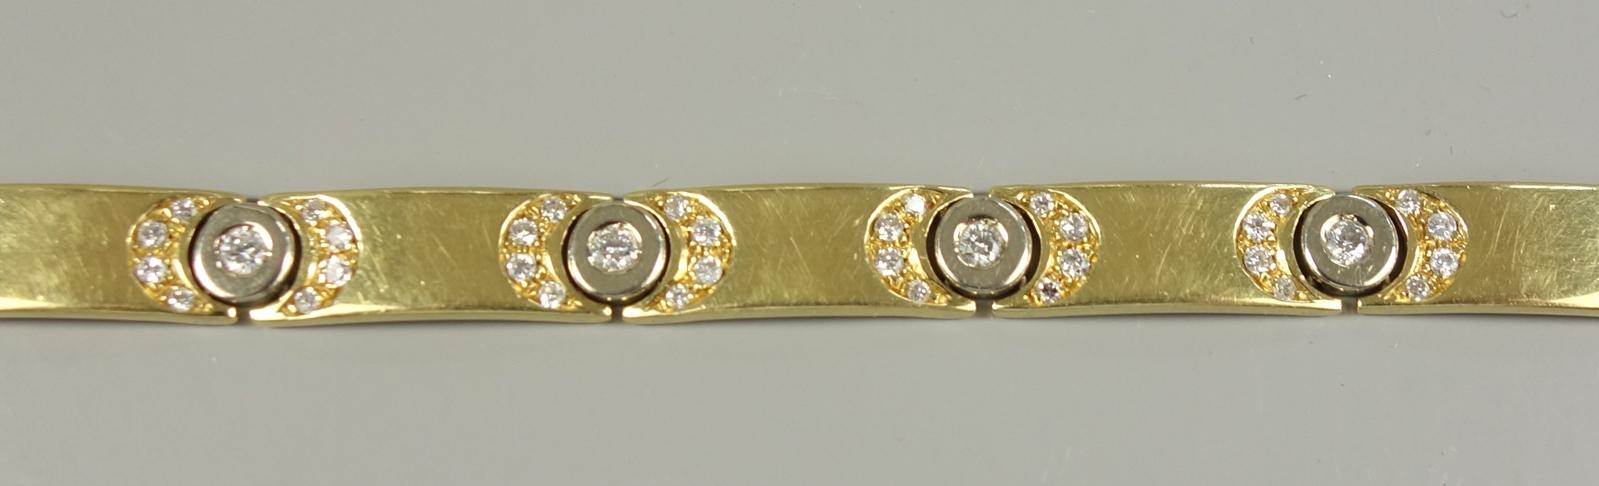 """Brillant-Armband, Hersteller """"Mabri"""", 750er Gold, Gew.26,08g, total ca.1,30ct, 10 Brillanten á ca. - Bild 2 aus 3"""